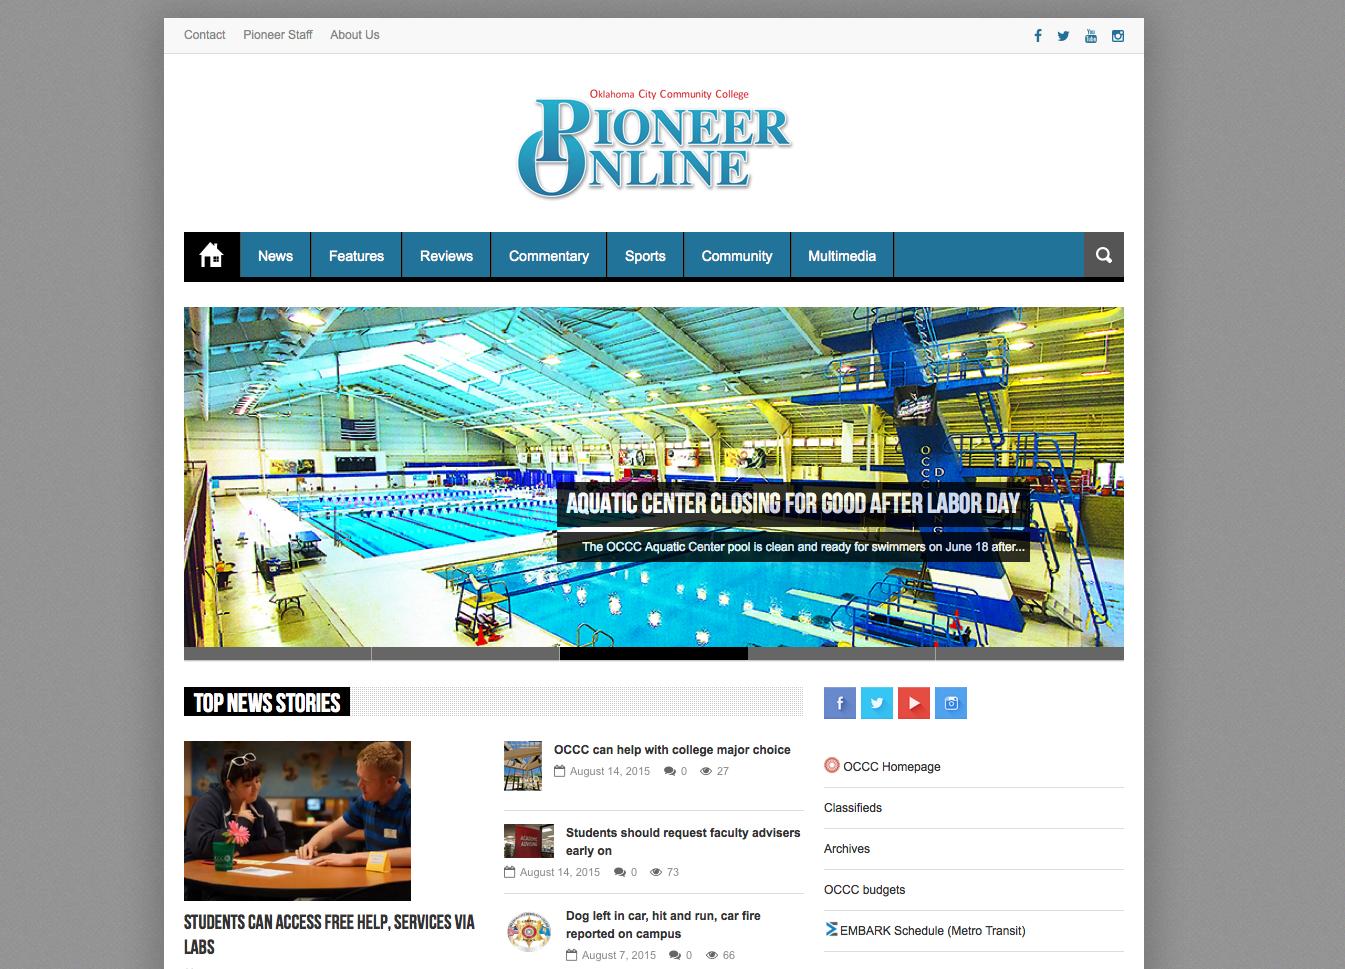 Pioneer Online undergoes major redesign